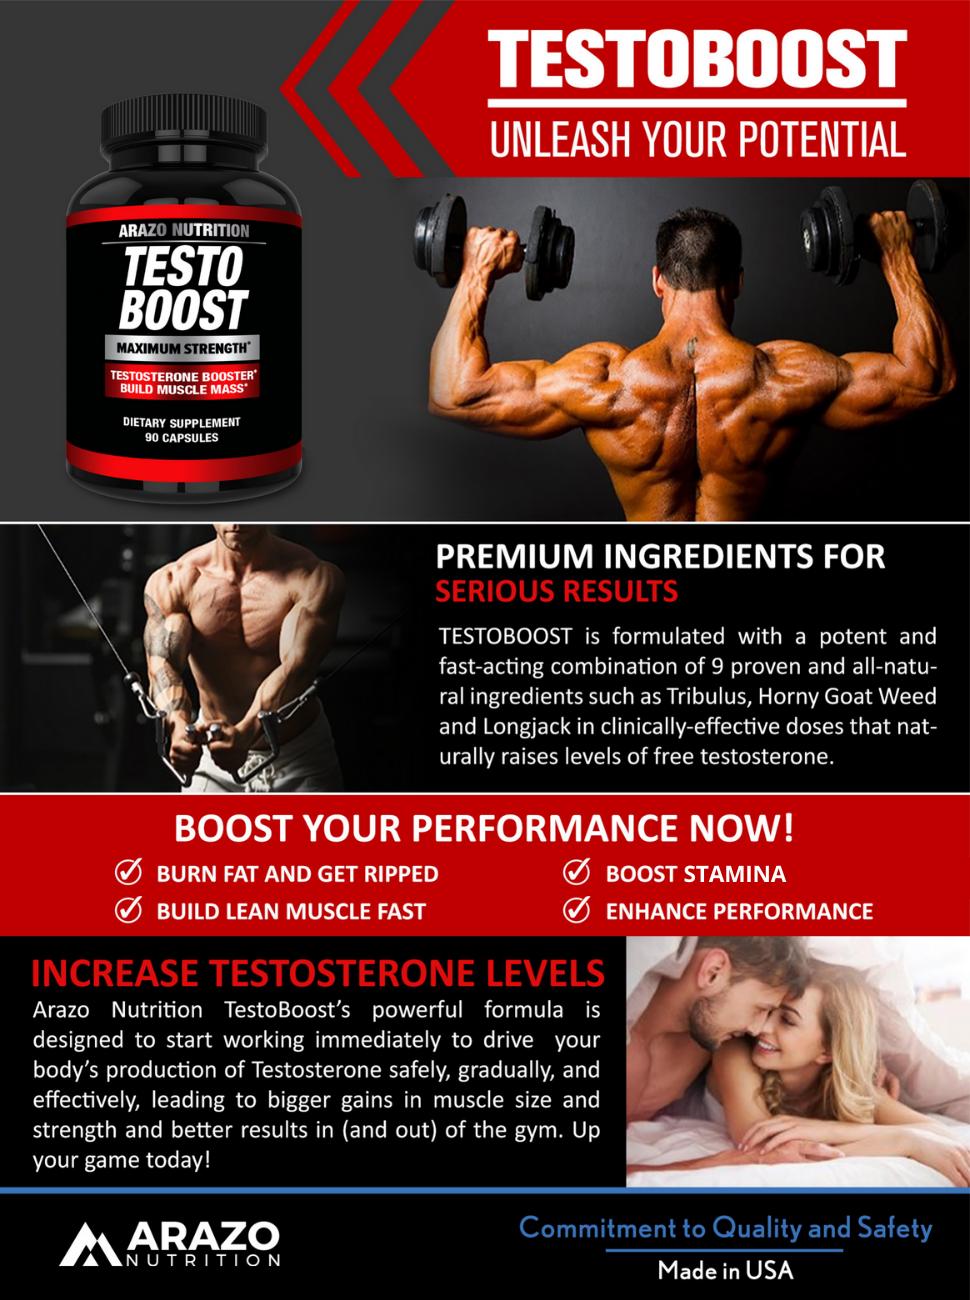 TESTOBOOST Test Booster Supplement